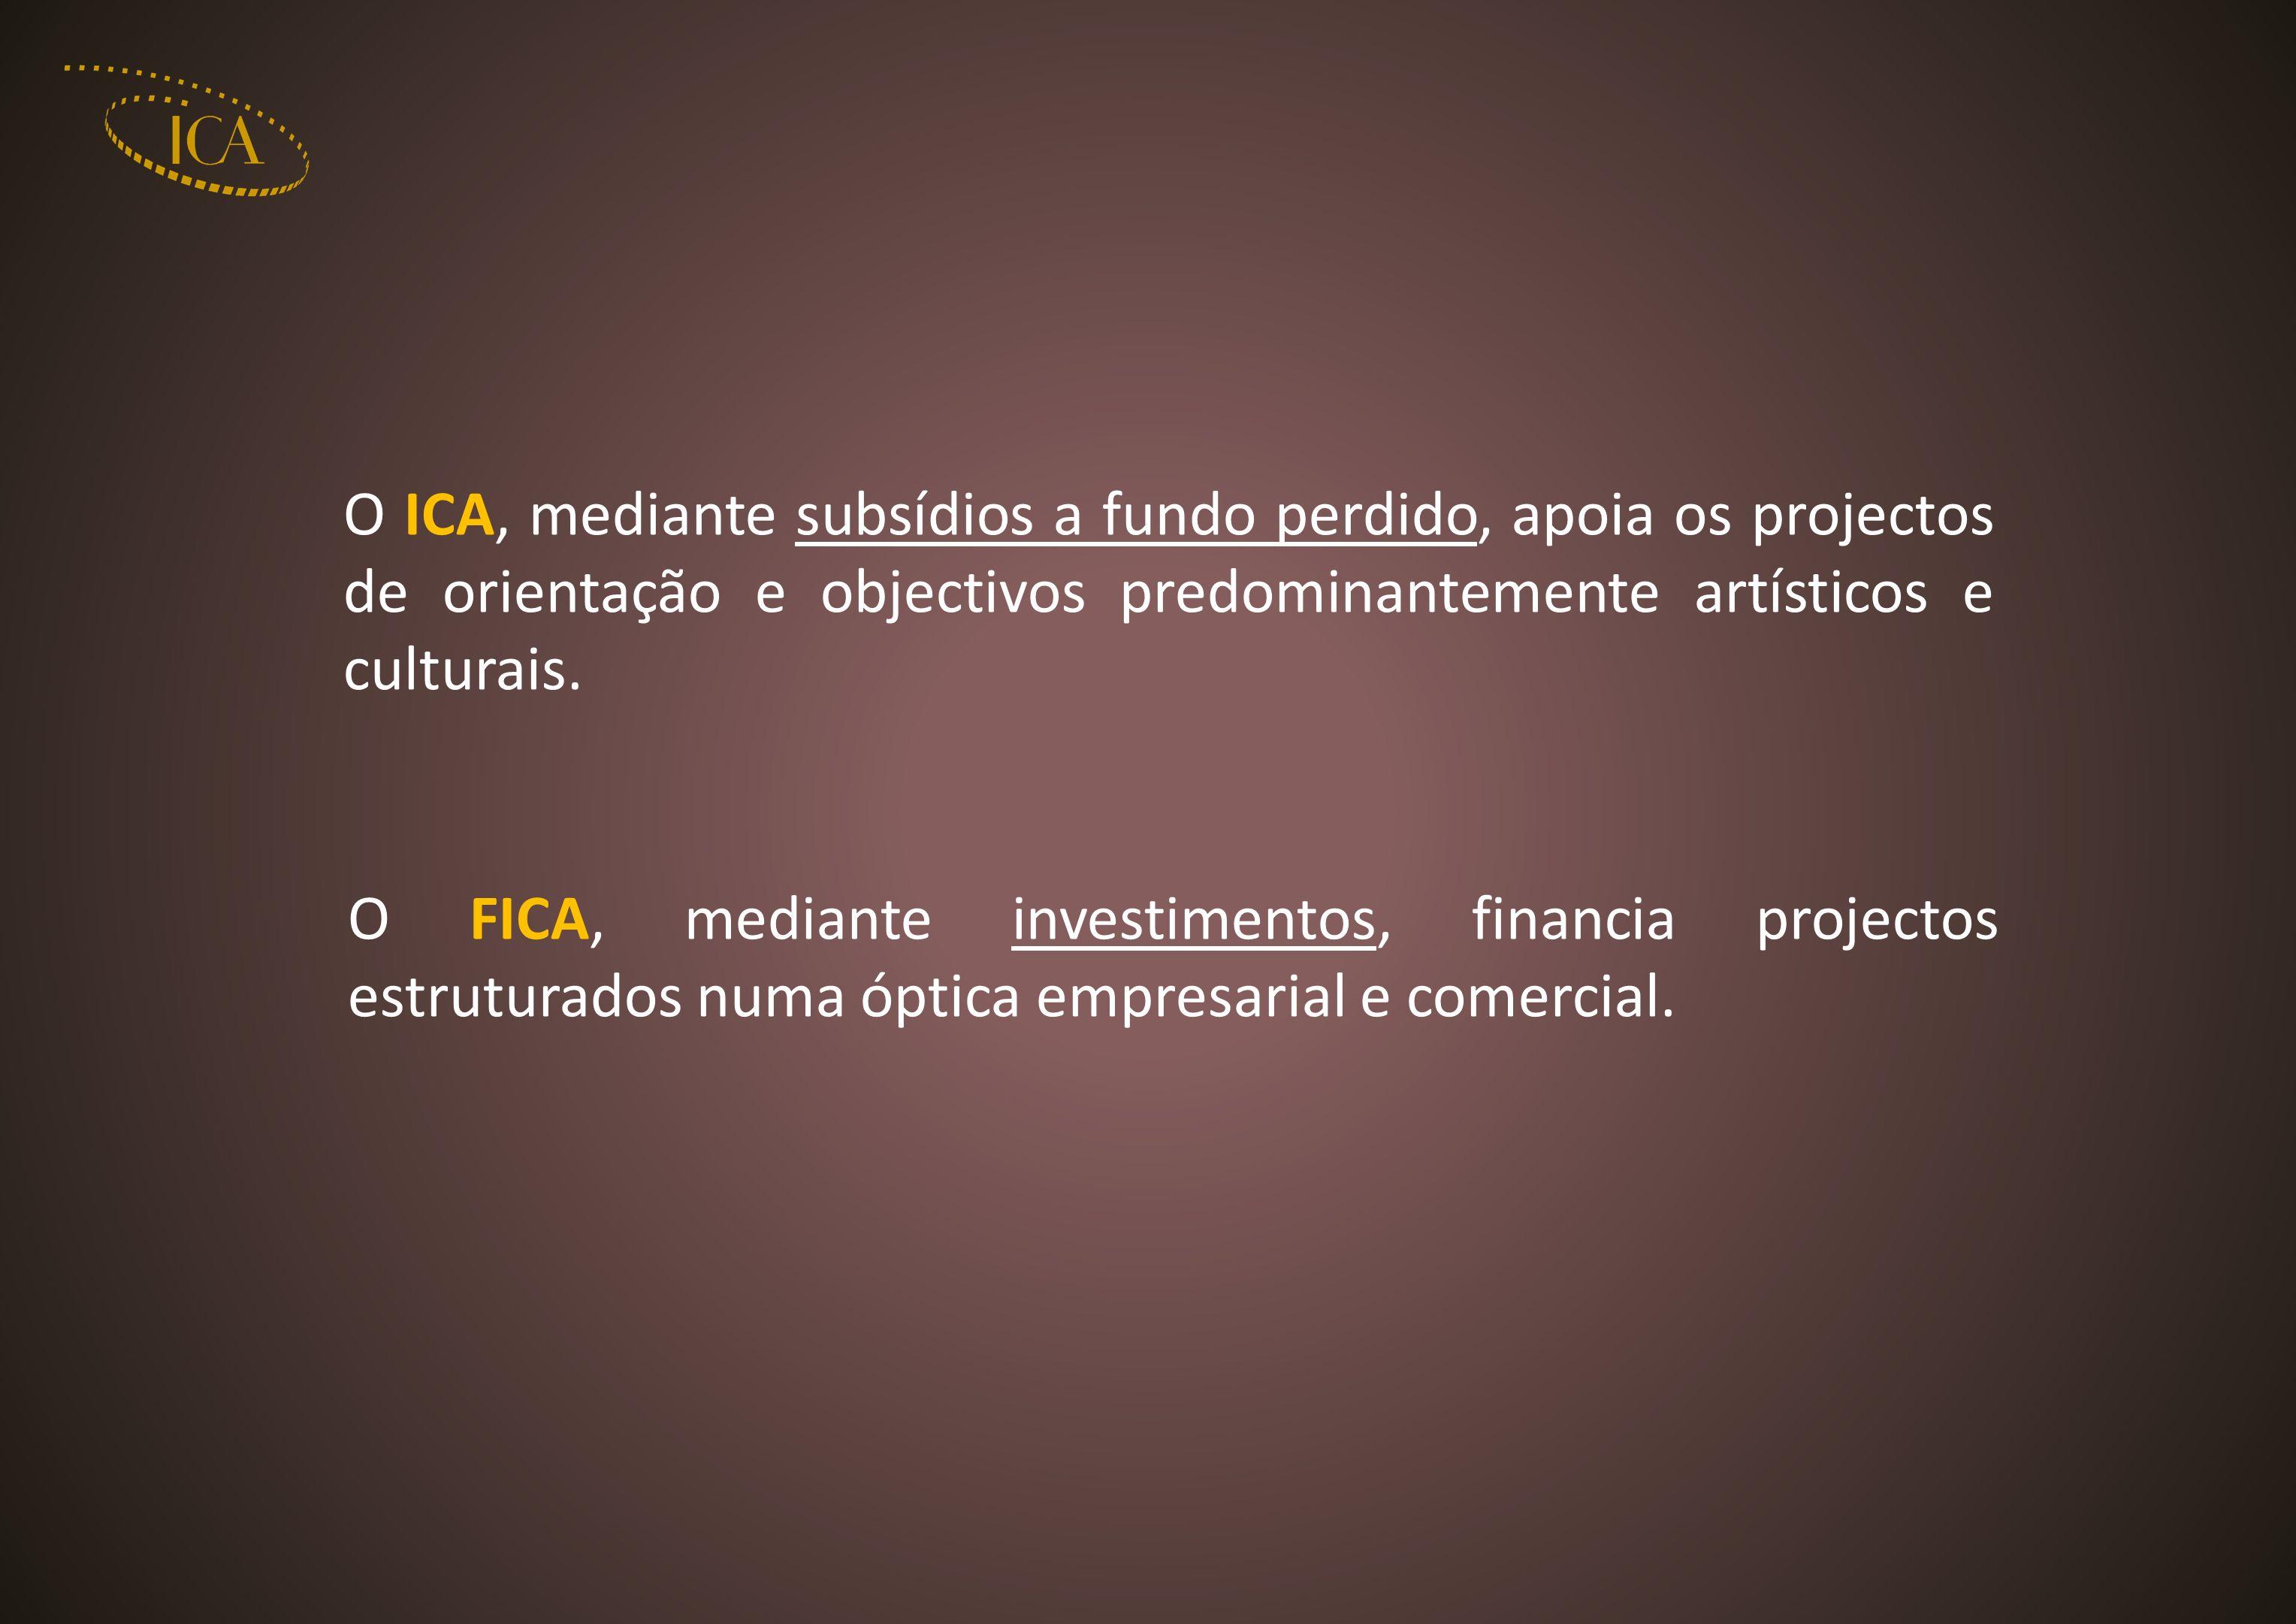 O ICA, mediante subsídios a fundo perdido, apoia os projectos de orientação e objectivos predominantemente artísticos e culturais.